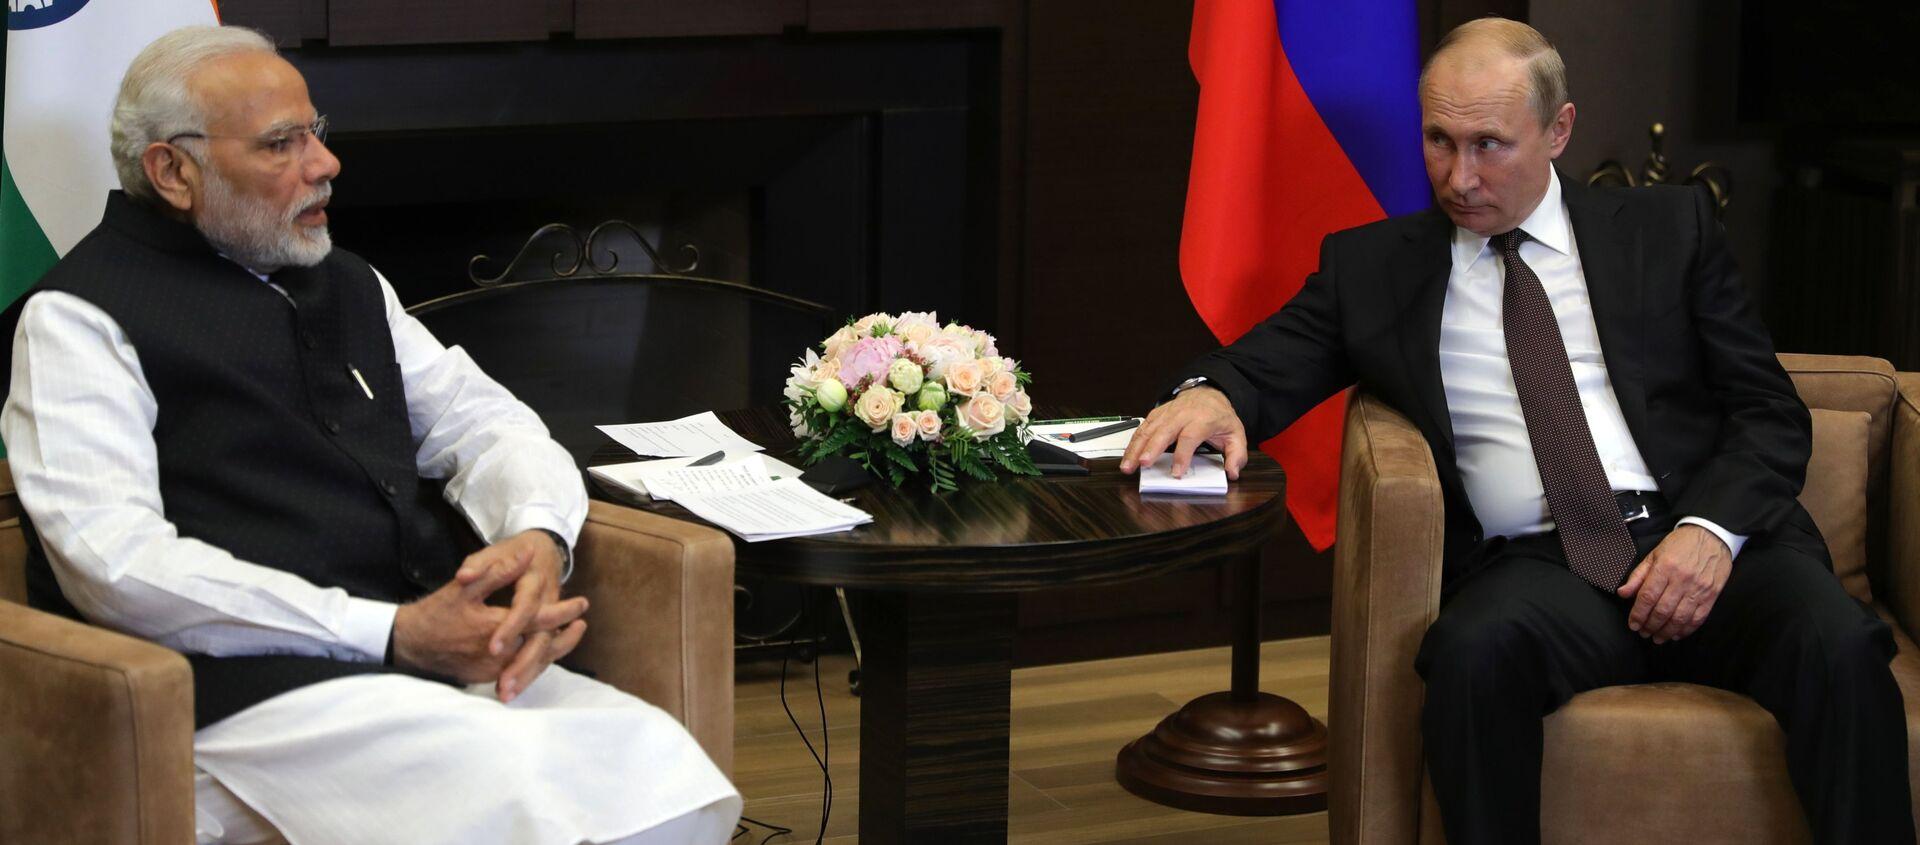 Tổng thống Nga Vladimir Putin và Thủ tướng Ấn Độ Narendra Modi trong một cuộc họp - Sputnik Việt Nam, 1920, 04.09.2019